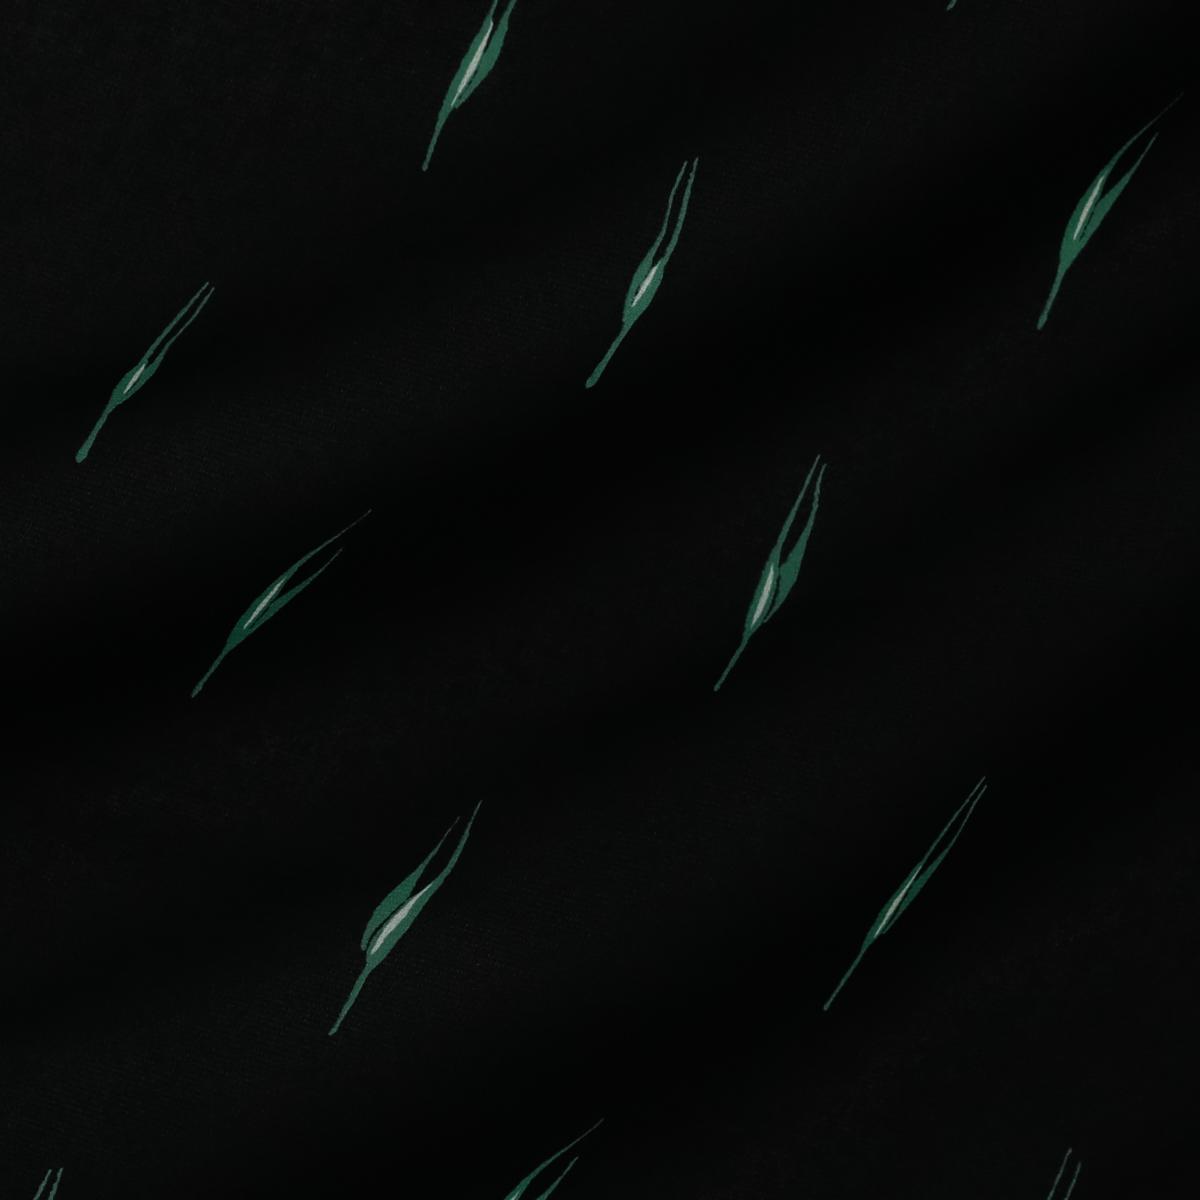 Плательный шёлковый креп чёрного цвета с зелёными акцентами